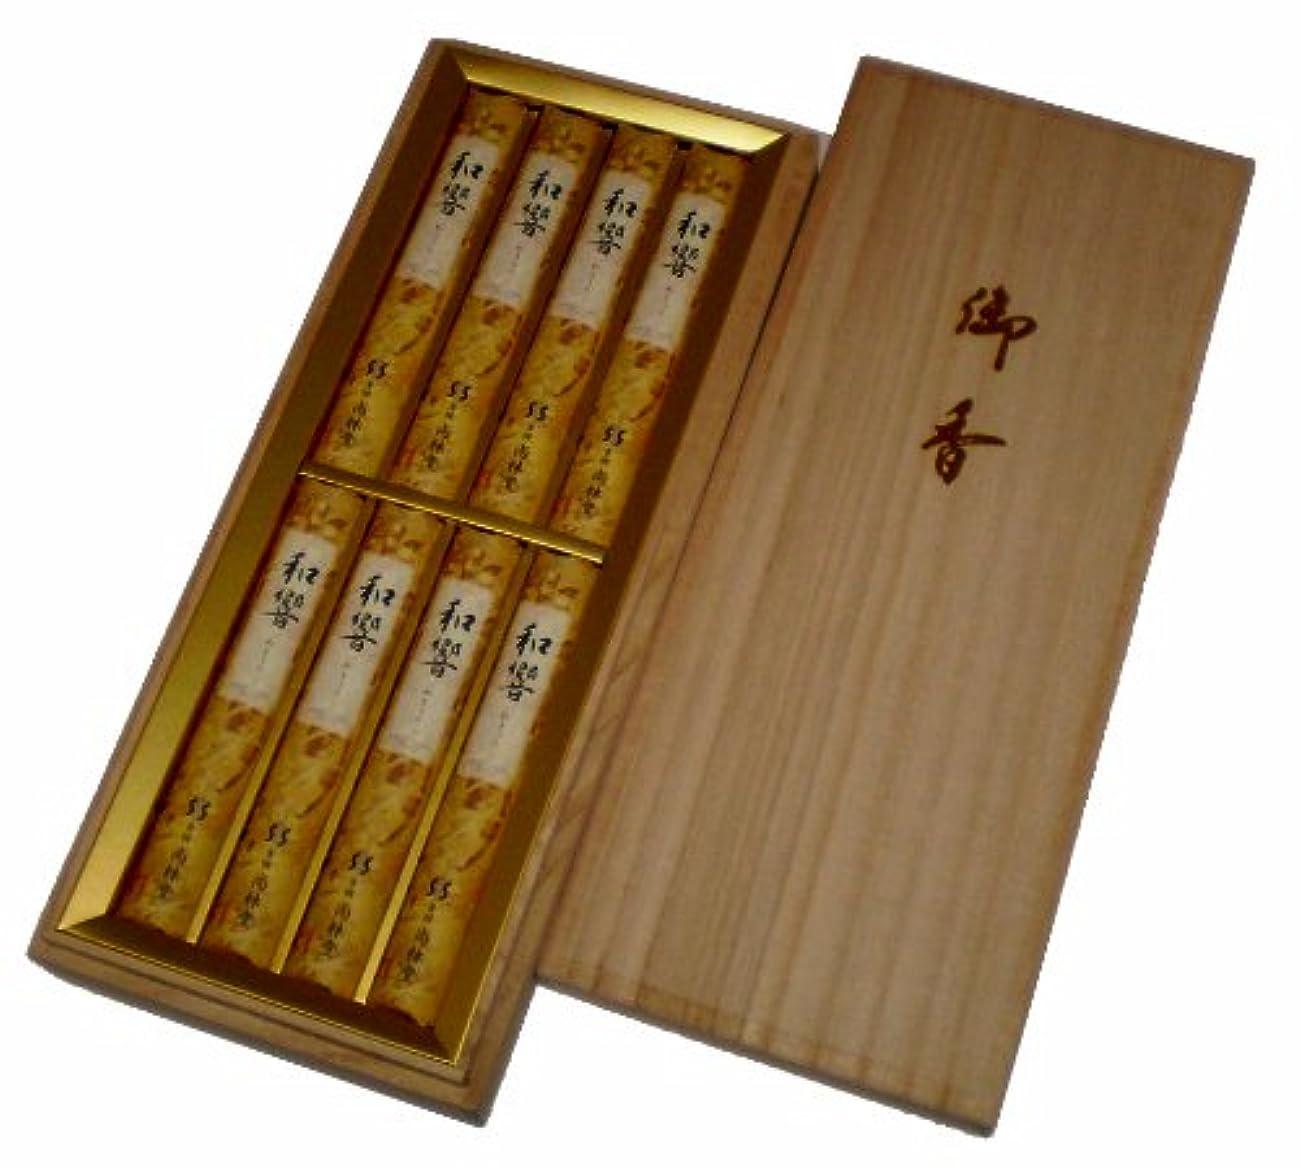 アトミックスラダム確保する尚林堂 和響 8入り 桐箱 159172-0610